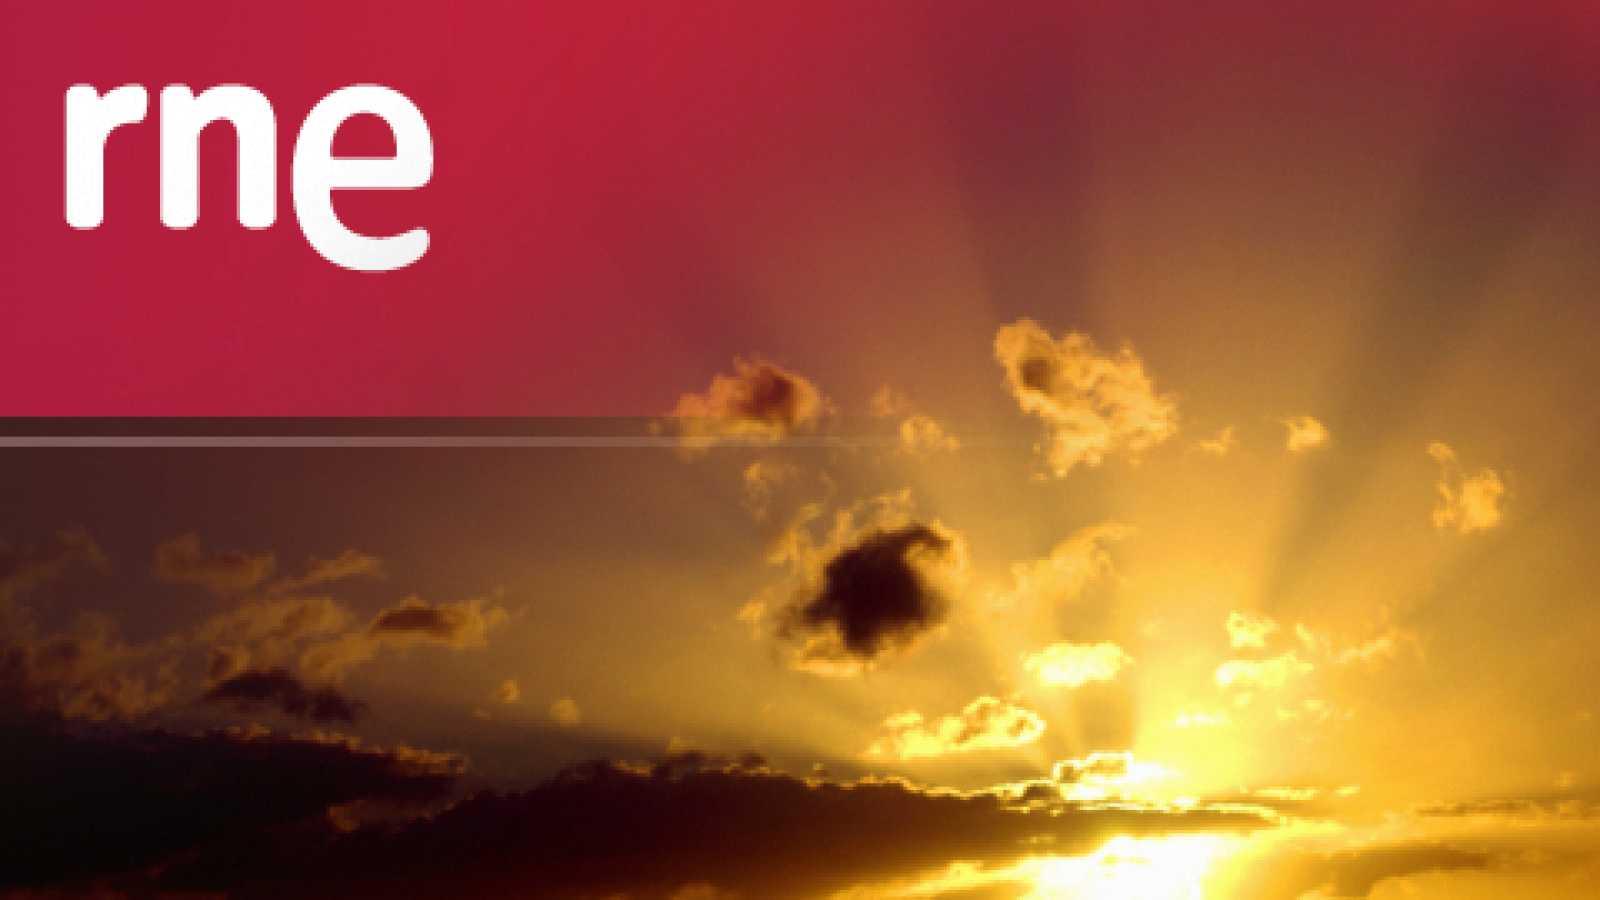 Alborada - Miércoles de Ceniza, camino de oración y reflexión - 17/02/21 - escuchar ahora